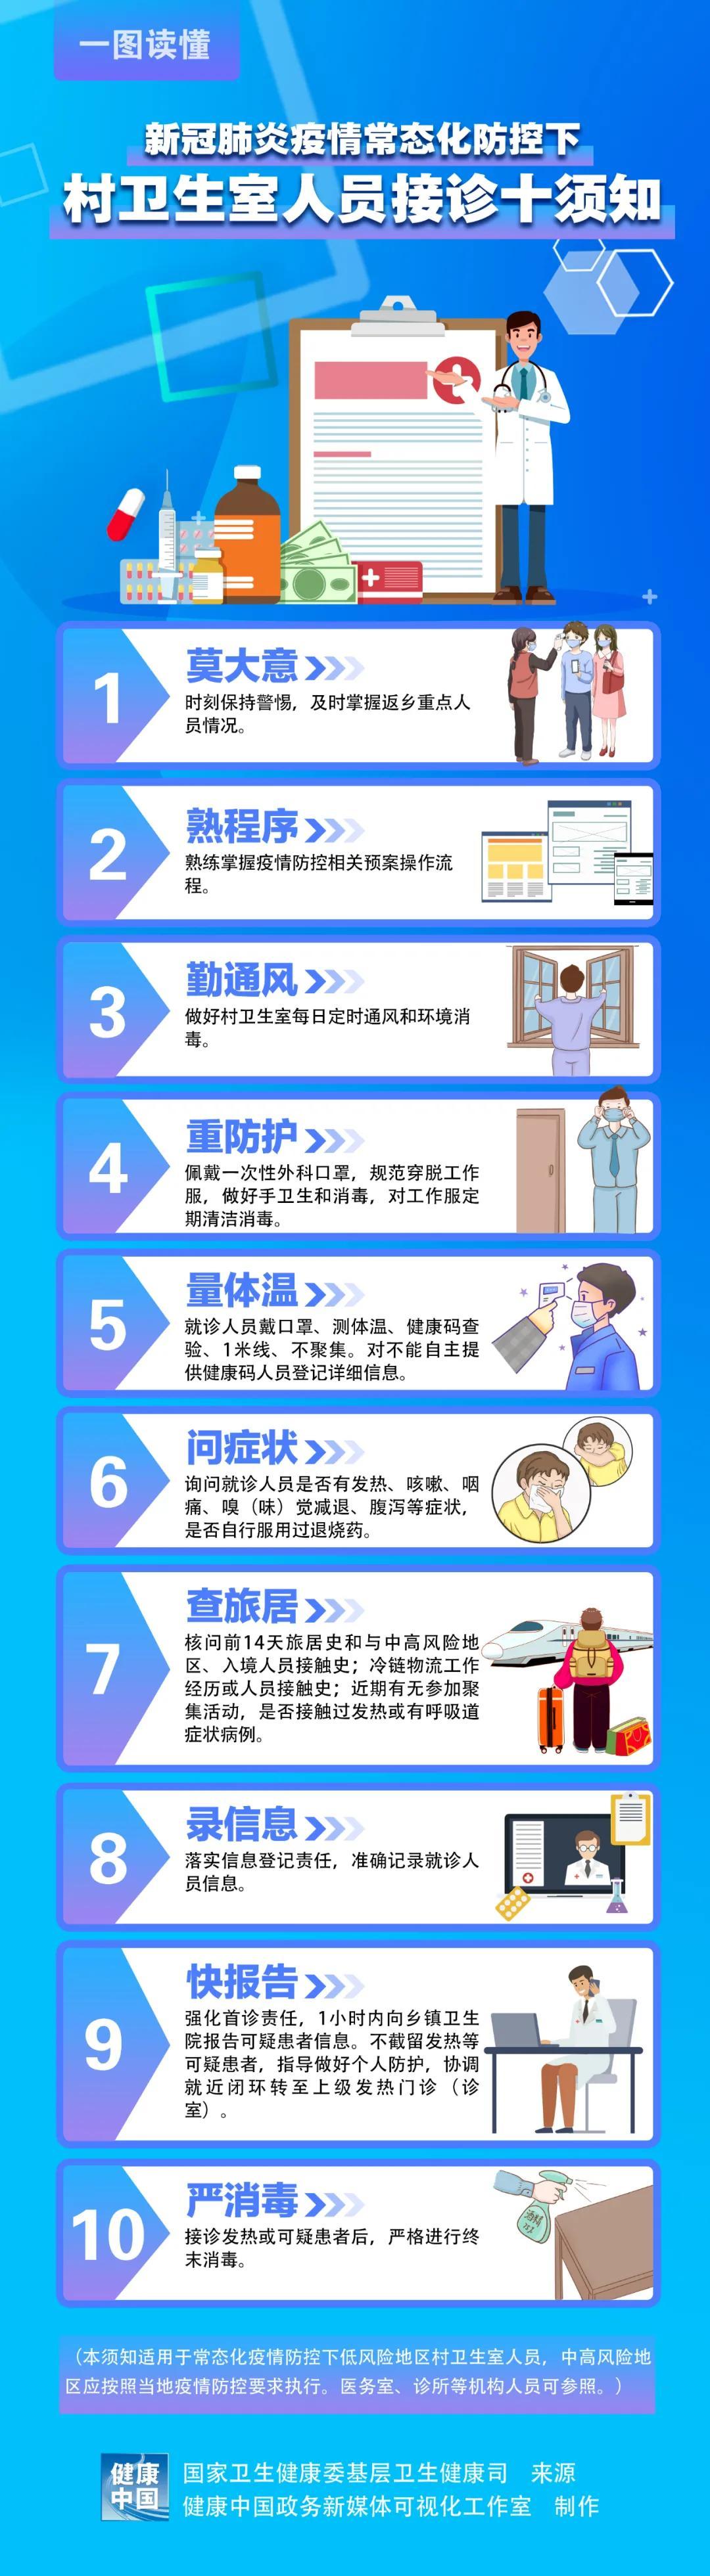 新冠肺炎疫情防控温馨提示!